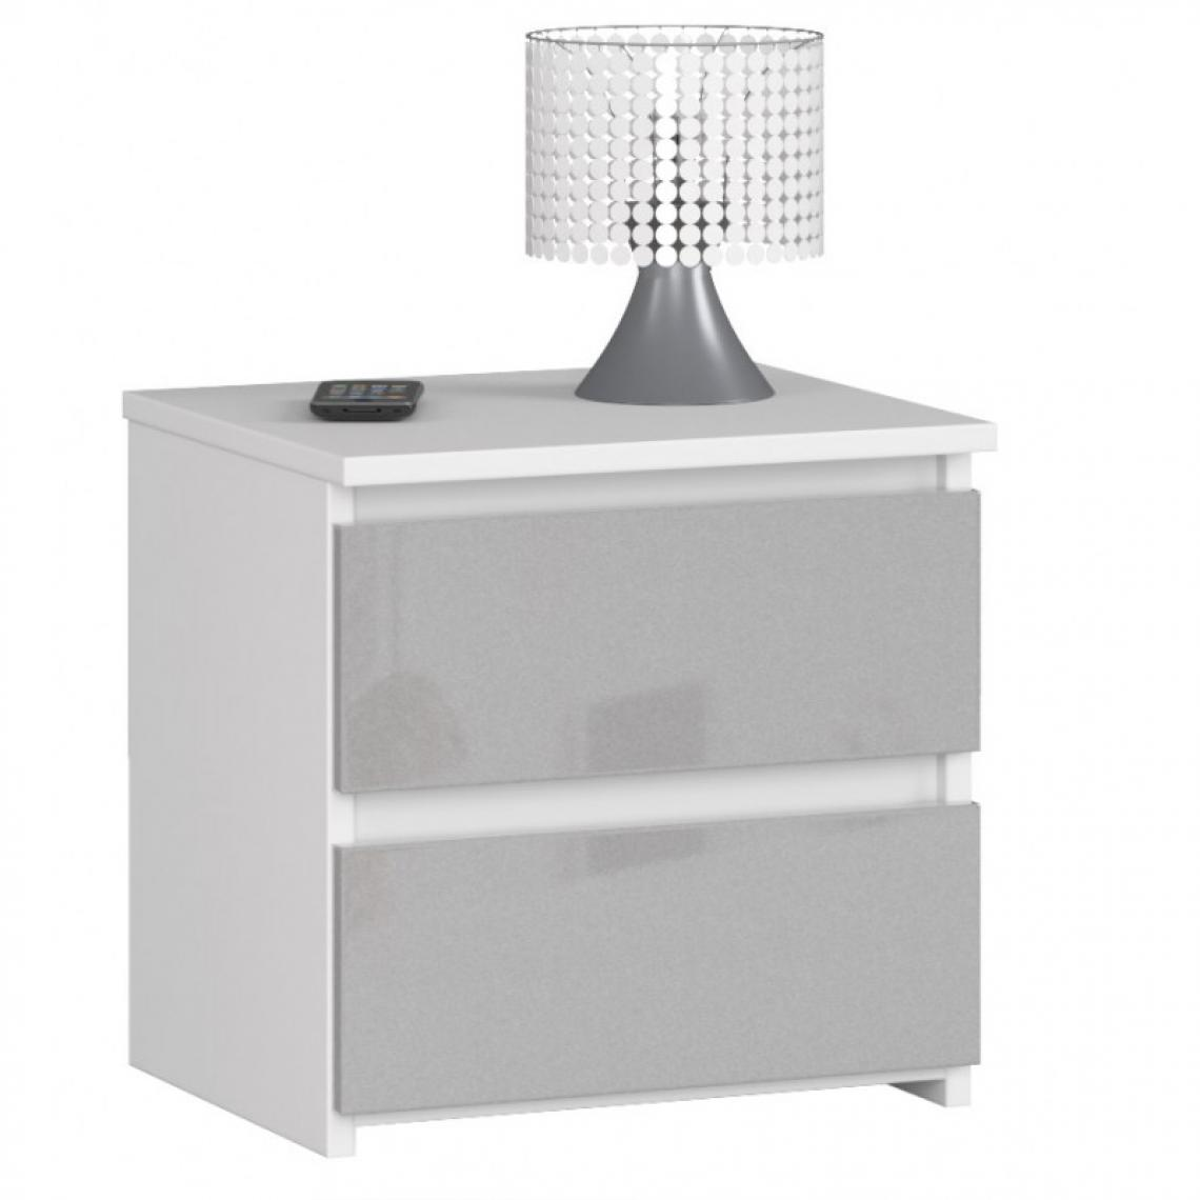 Hucoco SHALA   Table de chevet contemporaine chambre 40x40x35 cm   2 tiroirs   Chevet Chiffonier   Design moderne - Gris